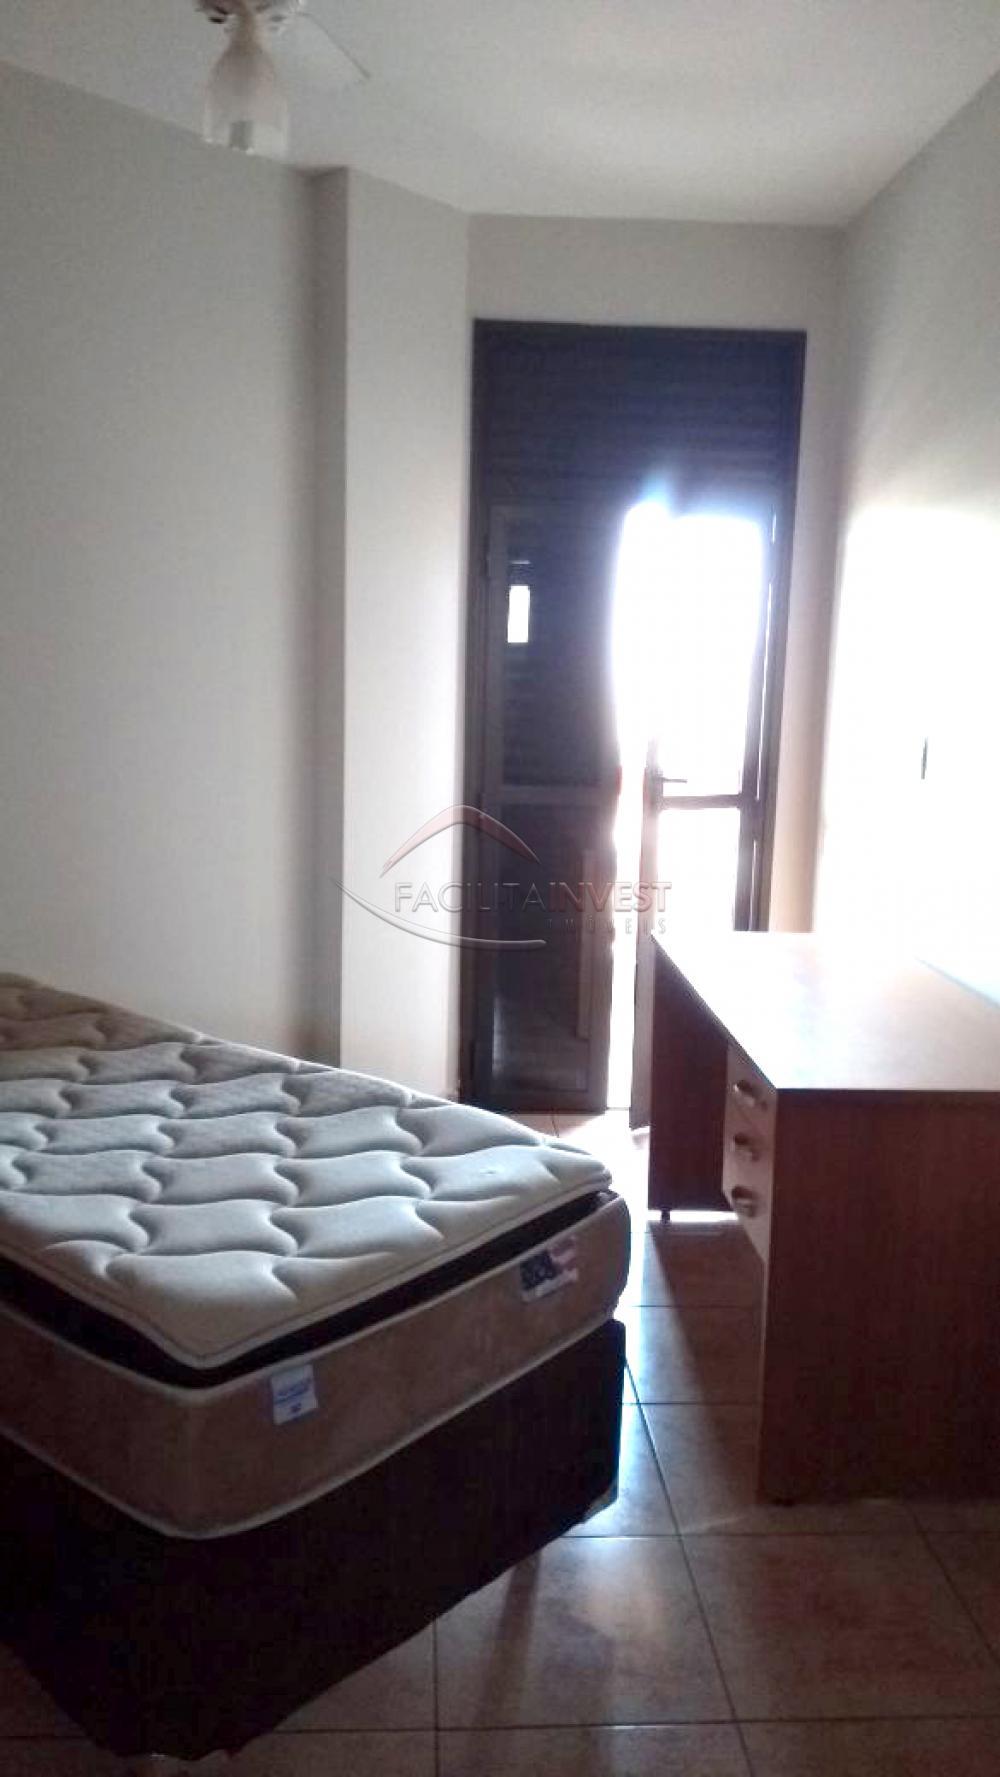 Alugar Apartamentos / Apart. Padrão em Ribeirão Preto apenas R$ 1.400,00 - Foto 17